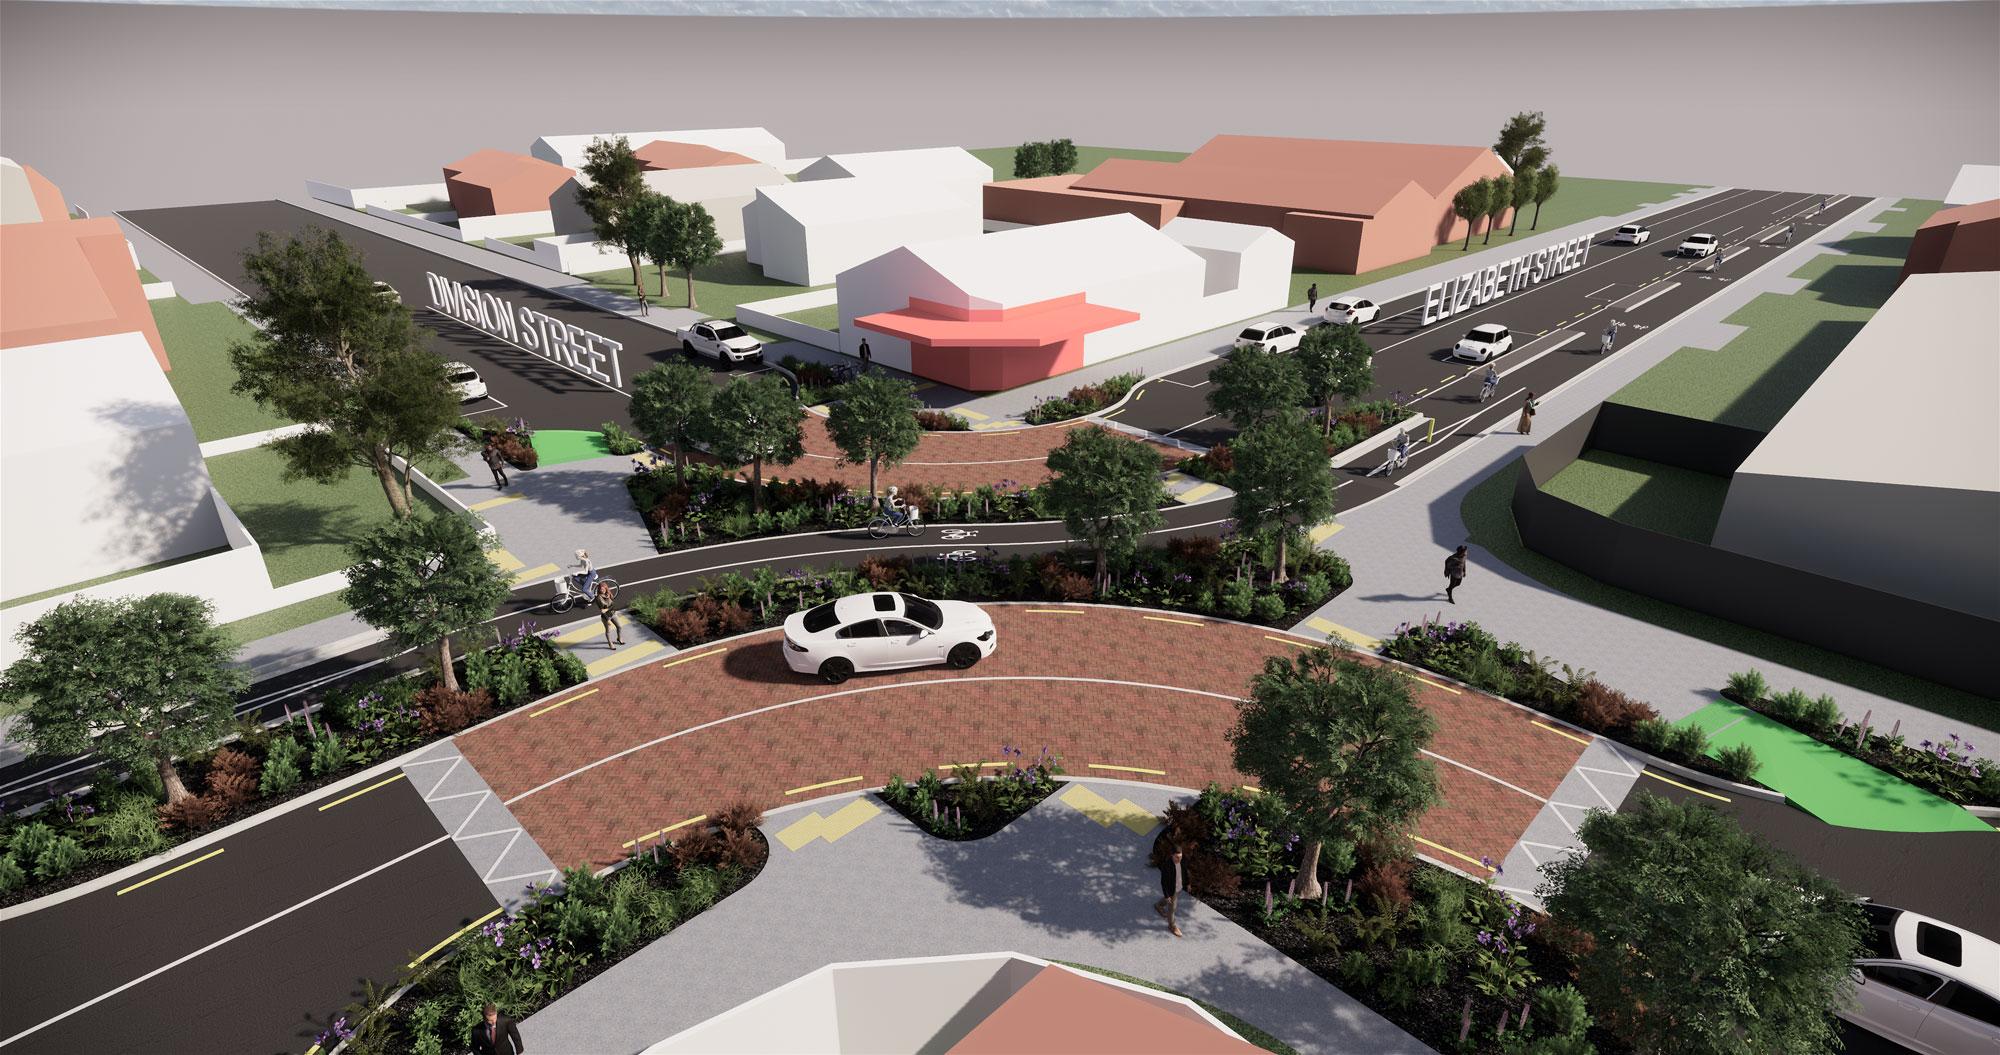 '3D render of Division Street 2